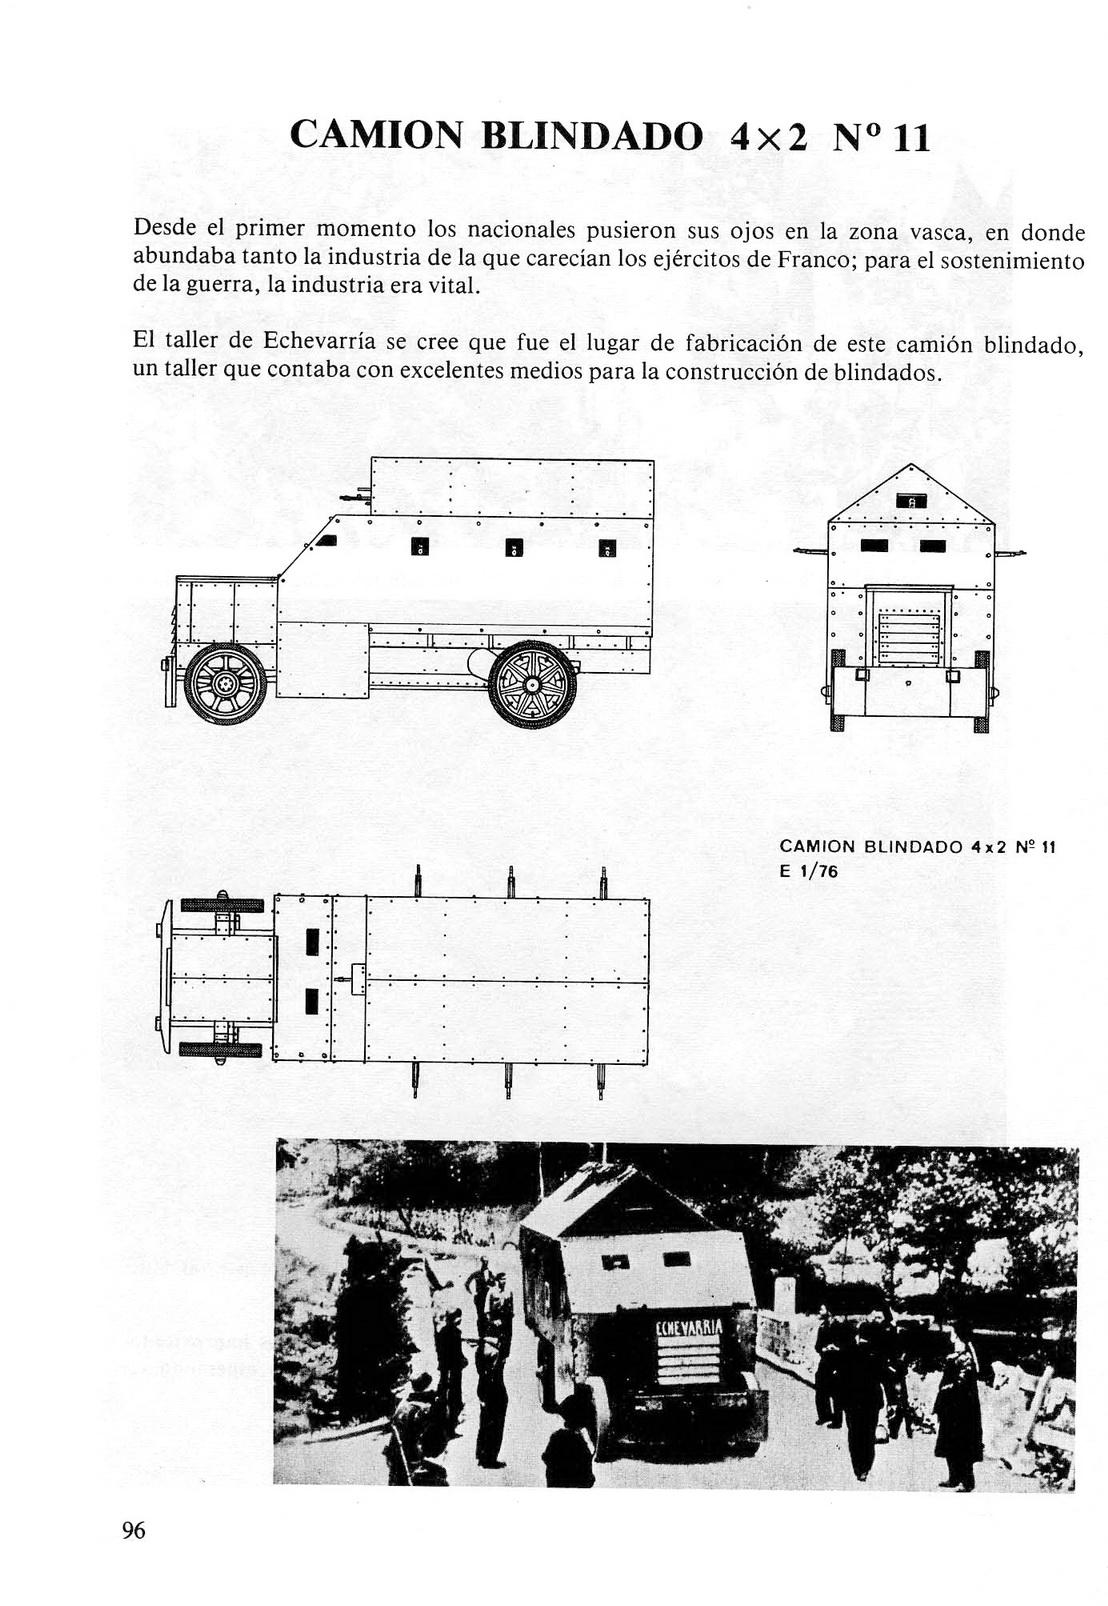 Carros De Combate Y Vehiculos Blindados De La Guerra 1936 1939 [F.C.Albert 1980]_Страница_094.jpg